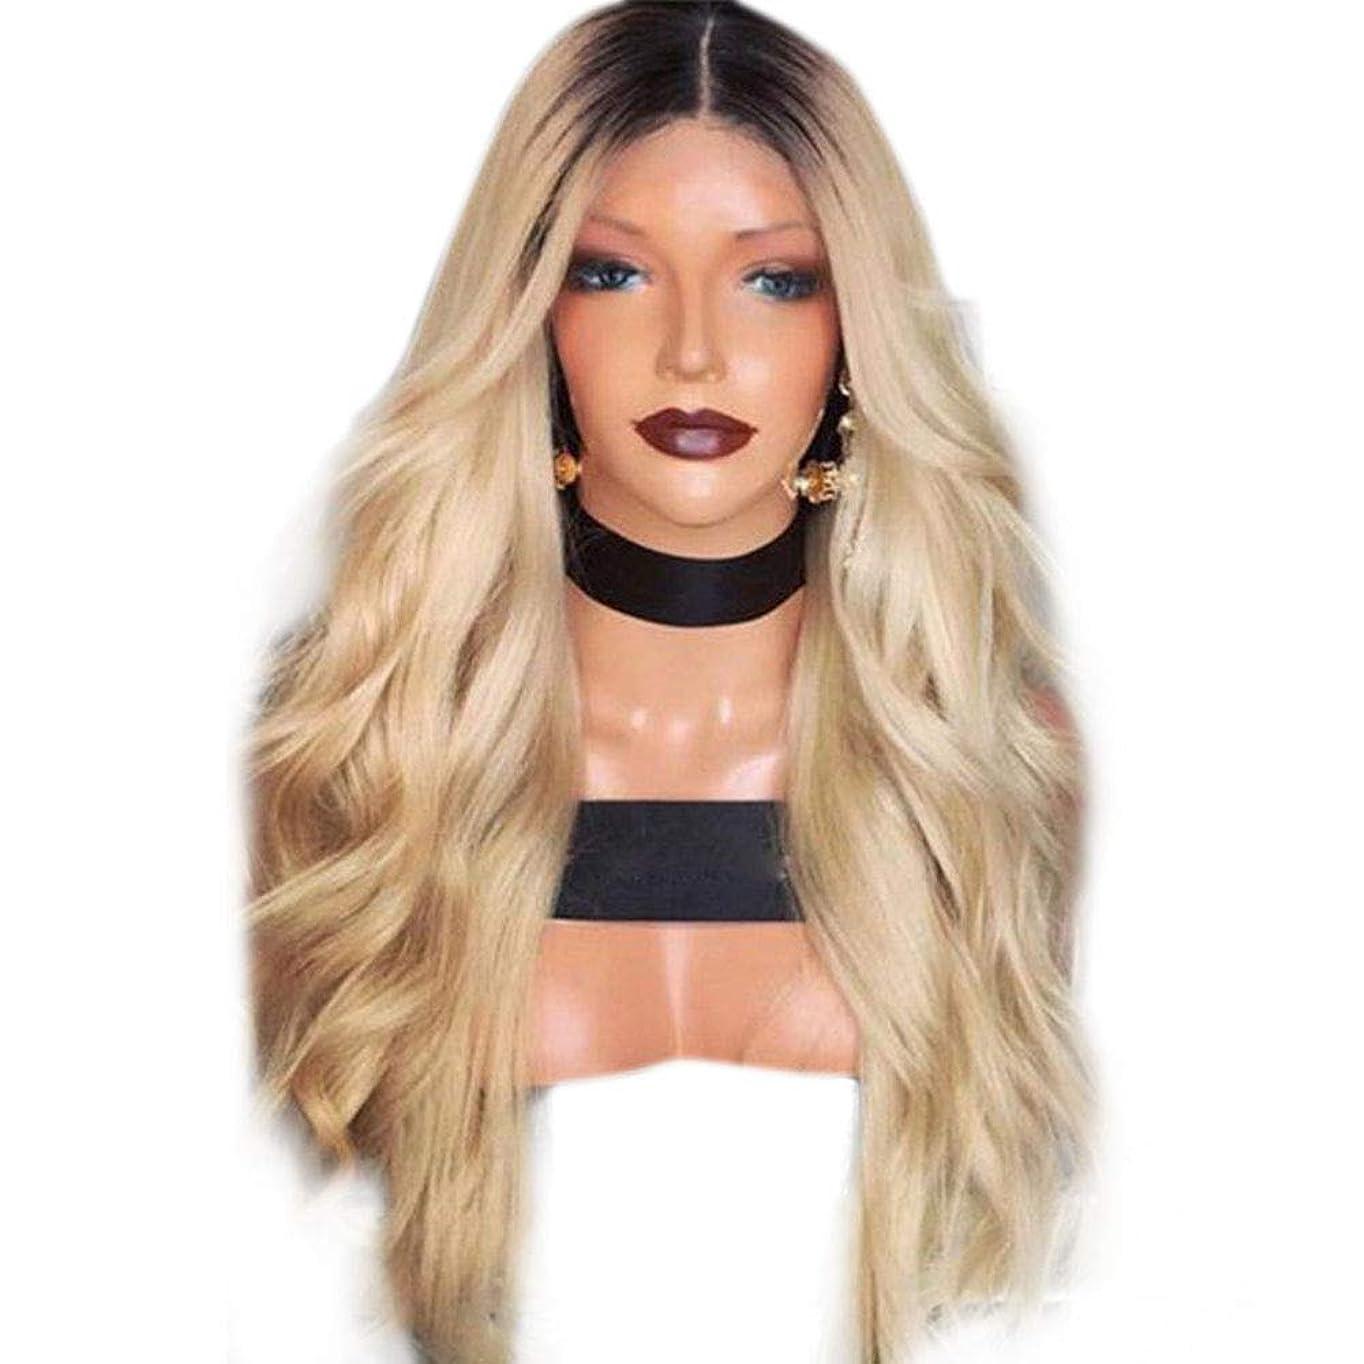 繁殖感じ遺伝子YESONEEP かつら長い巻き毛黒グラデーションイエローマイクロロール長い髪かつらヘッドギア合成髪レースかつらロールプレイングかつら (色 : Photo Color, サイズ : 65cm)